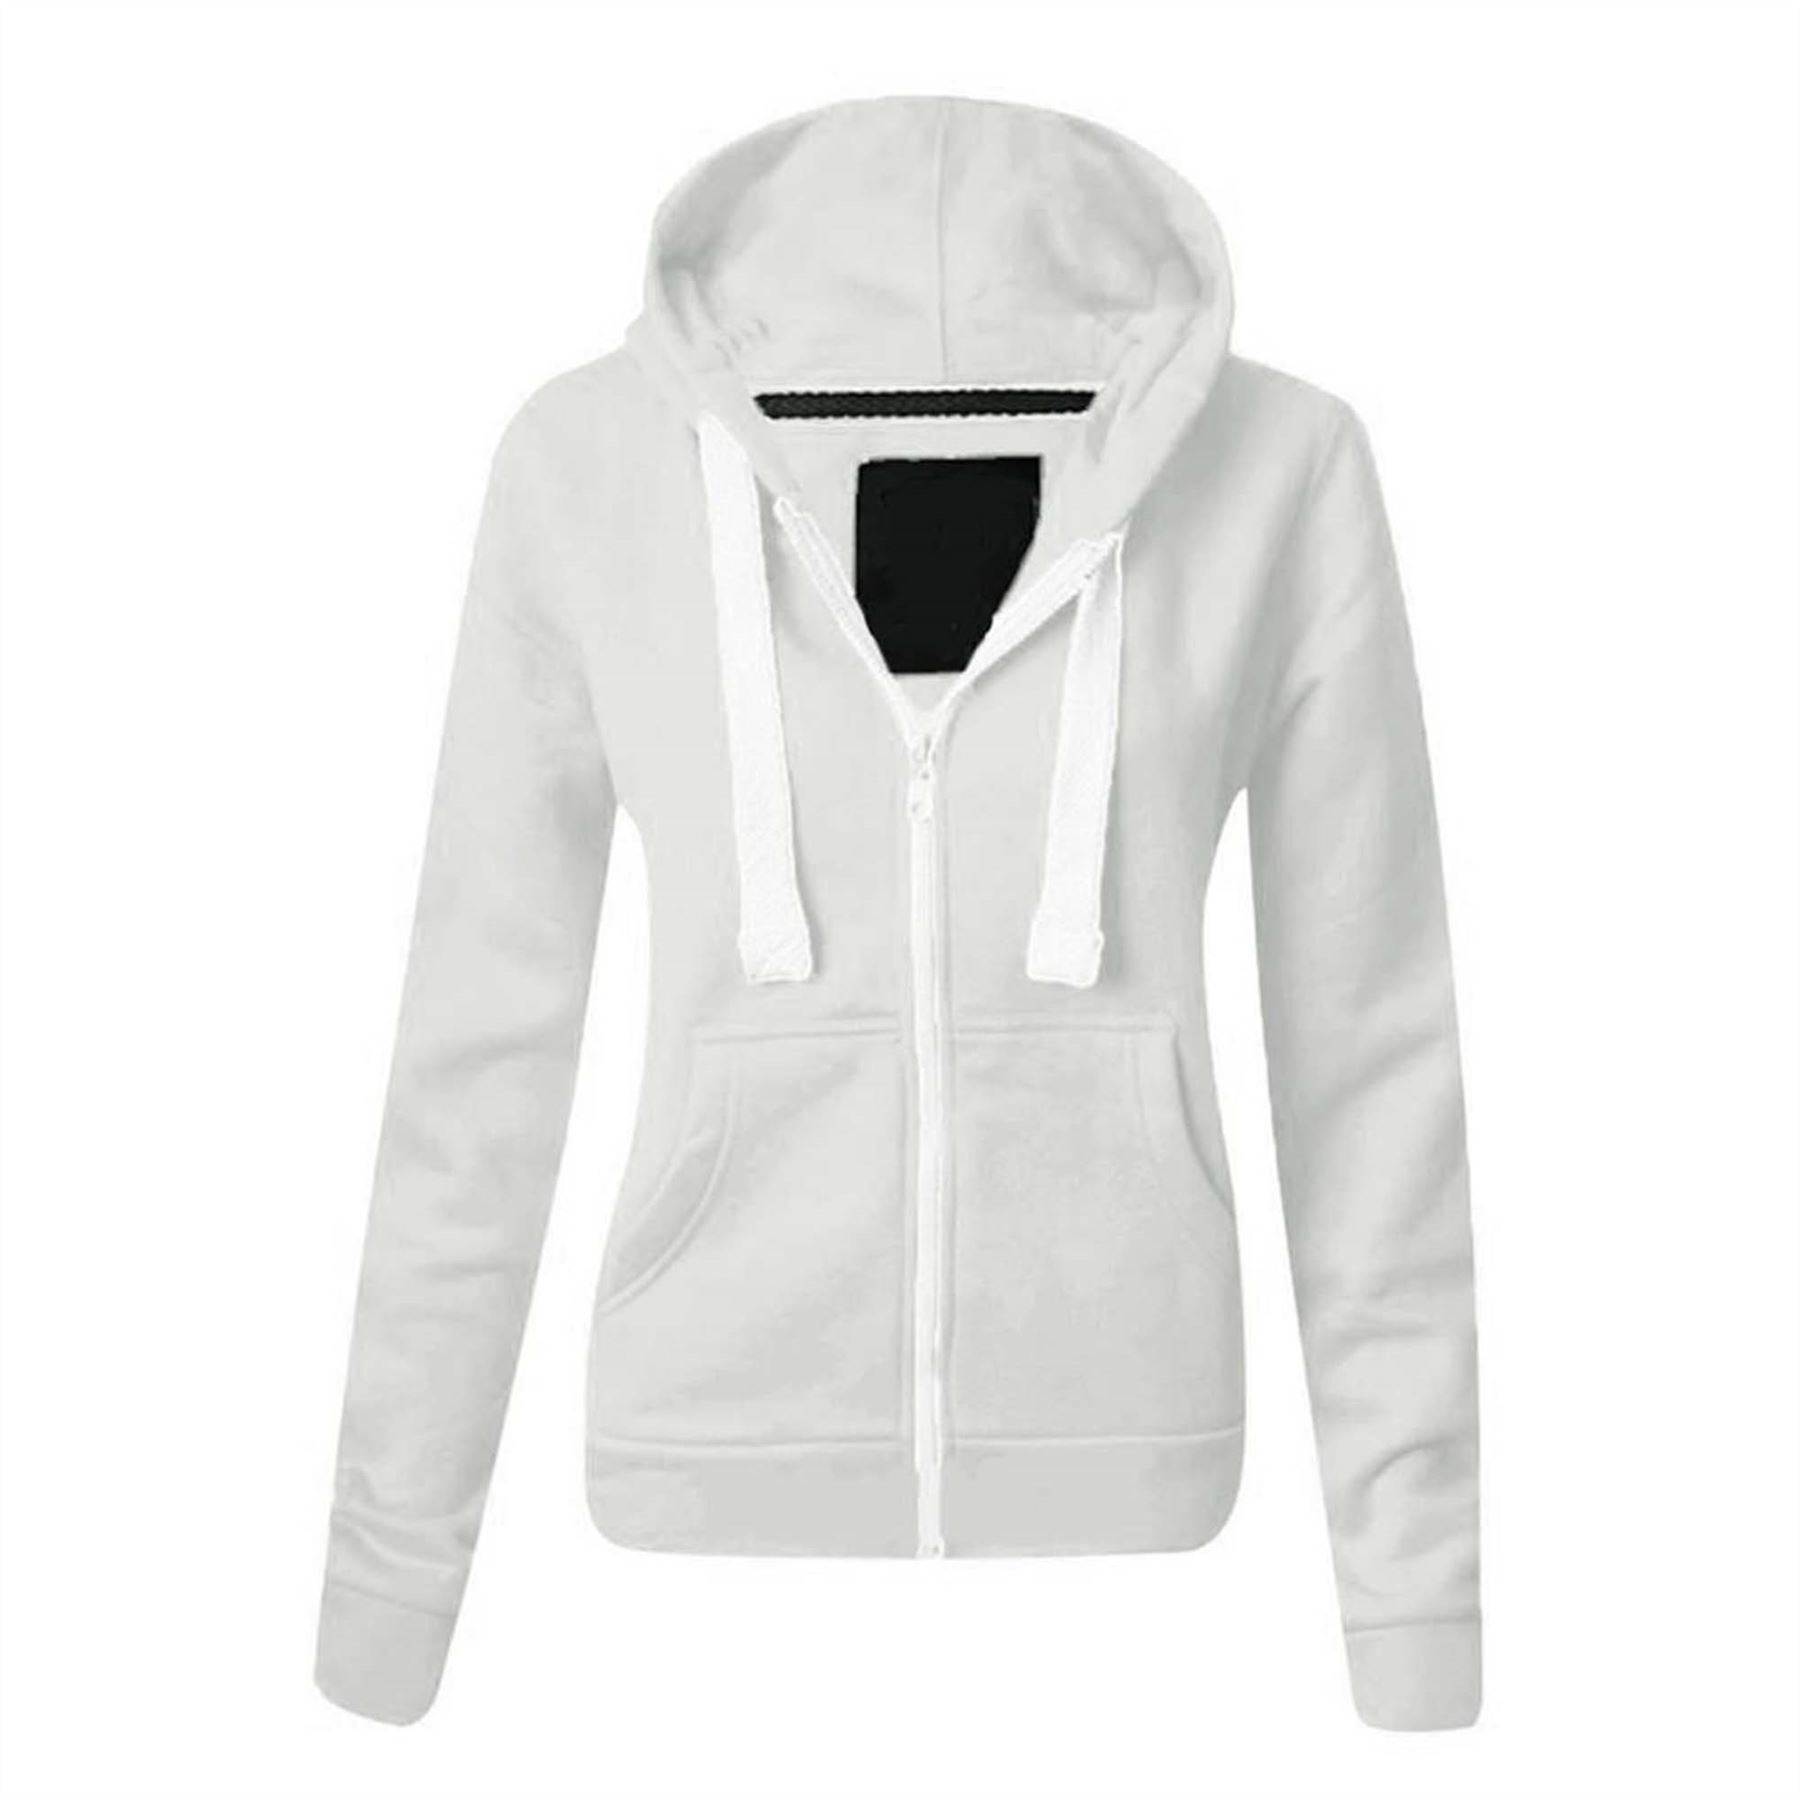 Femme Couleur Uni à Capuche Veste à Capuche Fermeture Fermeture Capuche éclair Hoody Fleece Sweatshirt 49001d